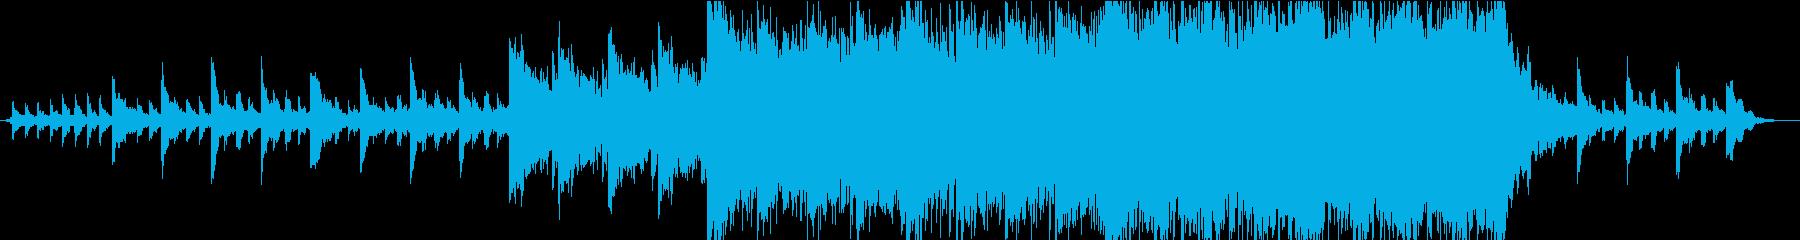 緊張怖い闇スコア。の再生済みの波形